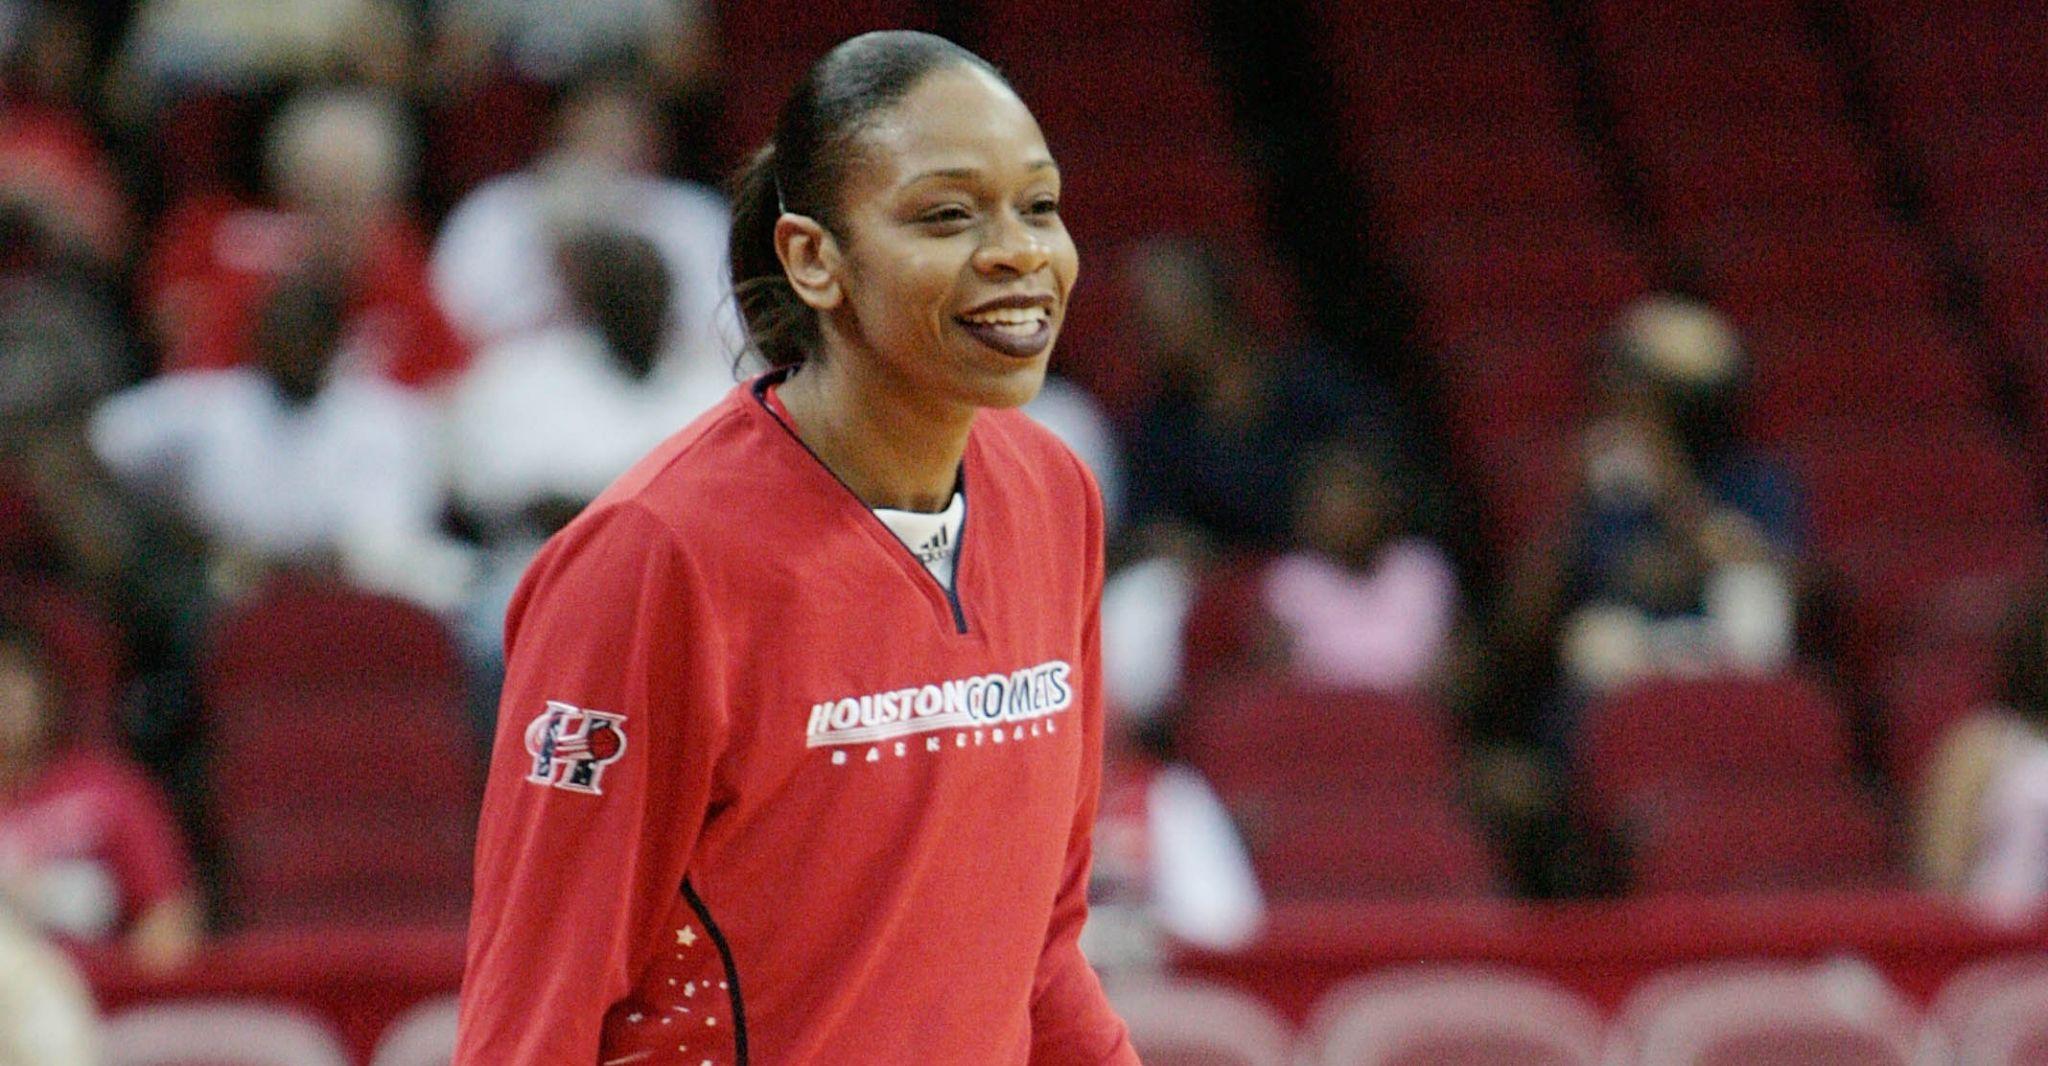 Un día como hoy en 2004… Tina Thompson anotó 35 puntos y perdió